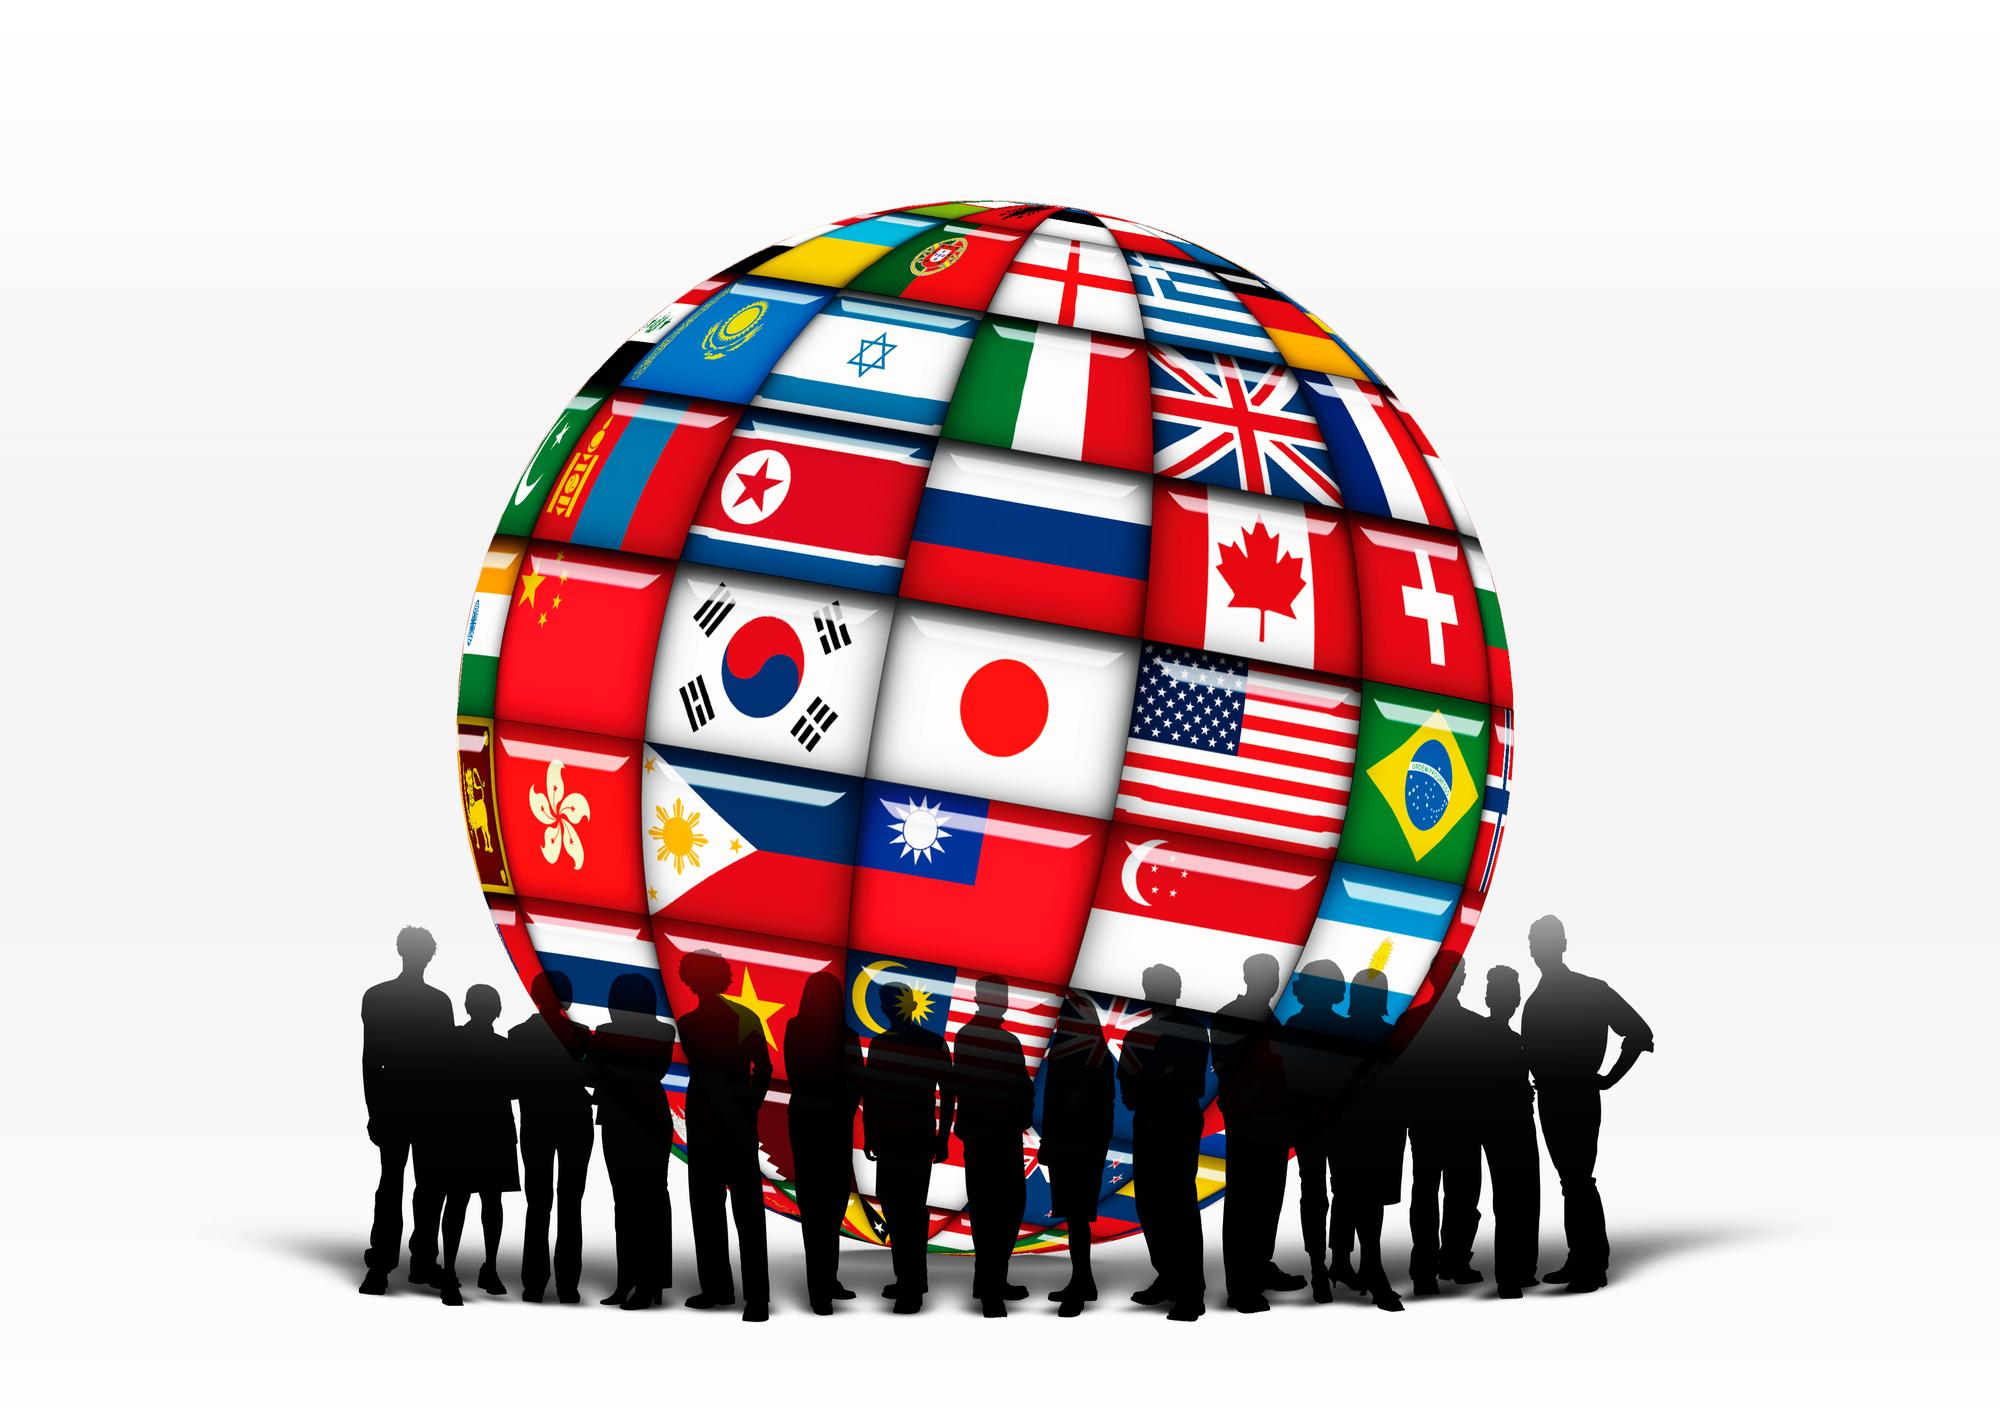 ノーベル平和賞受賞ICAN「核廃絶」が世界を変える!我々の終わりか否か!